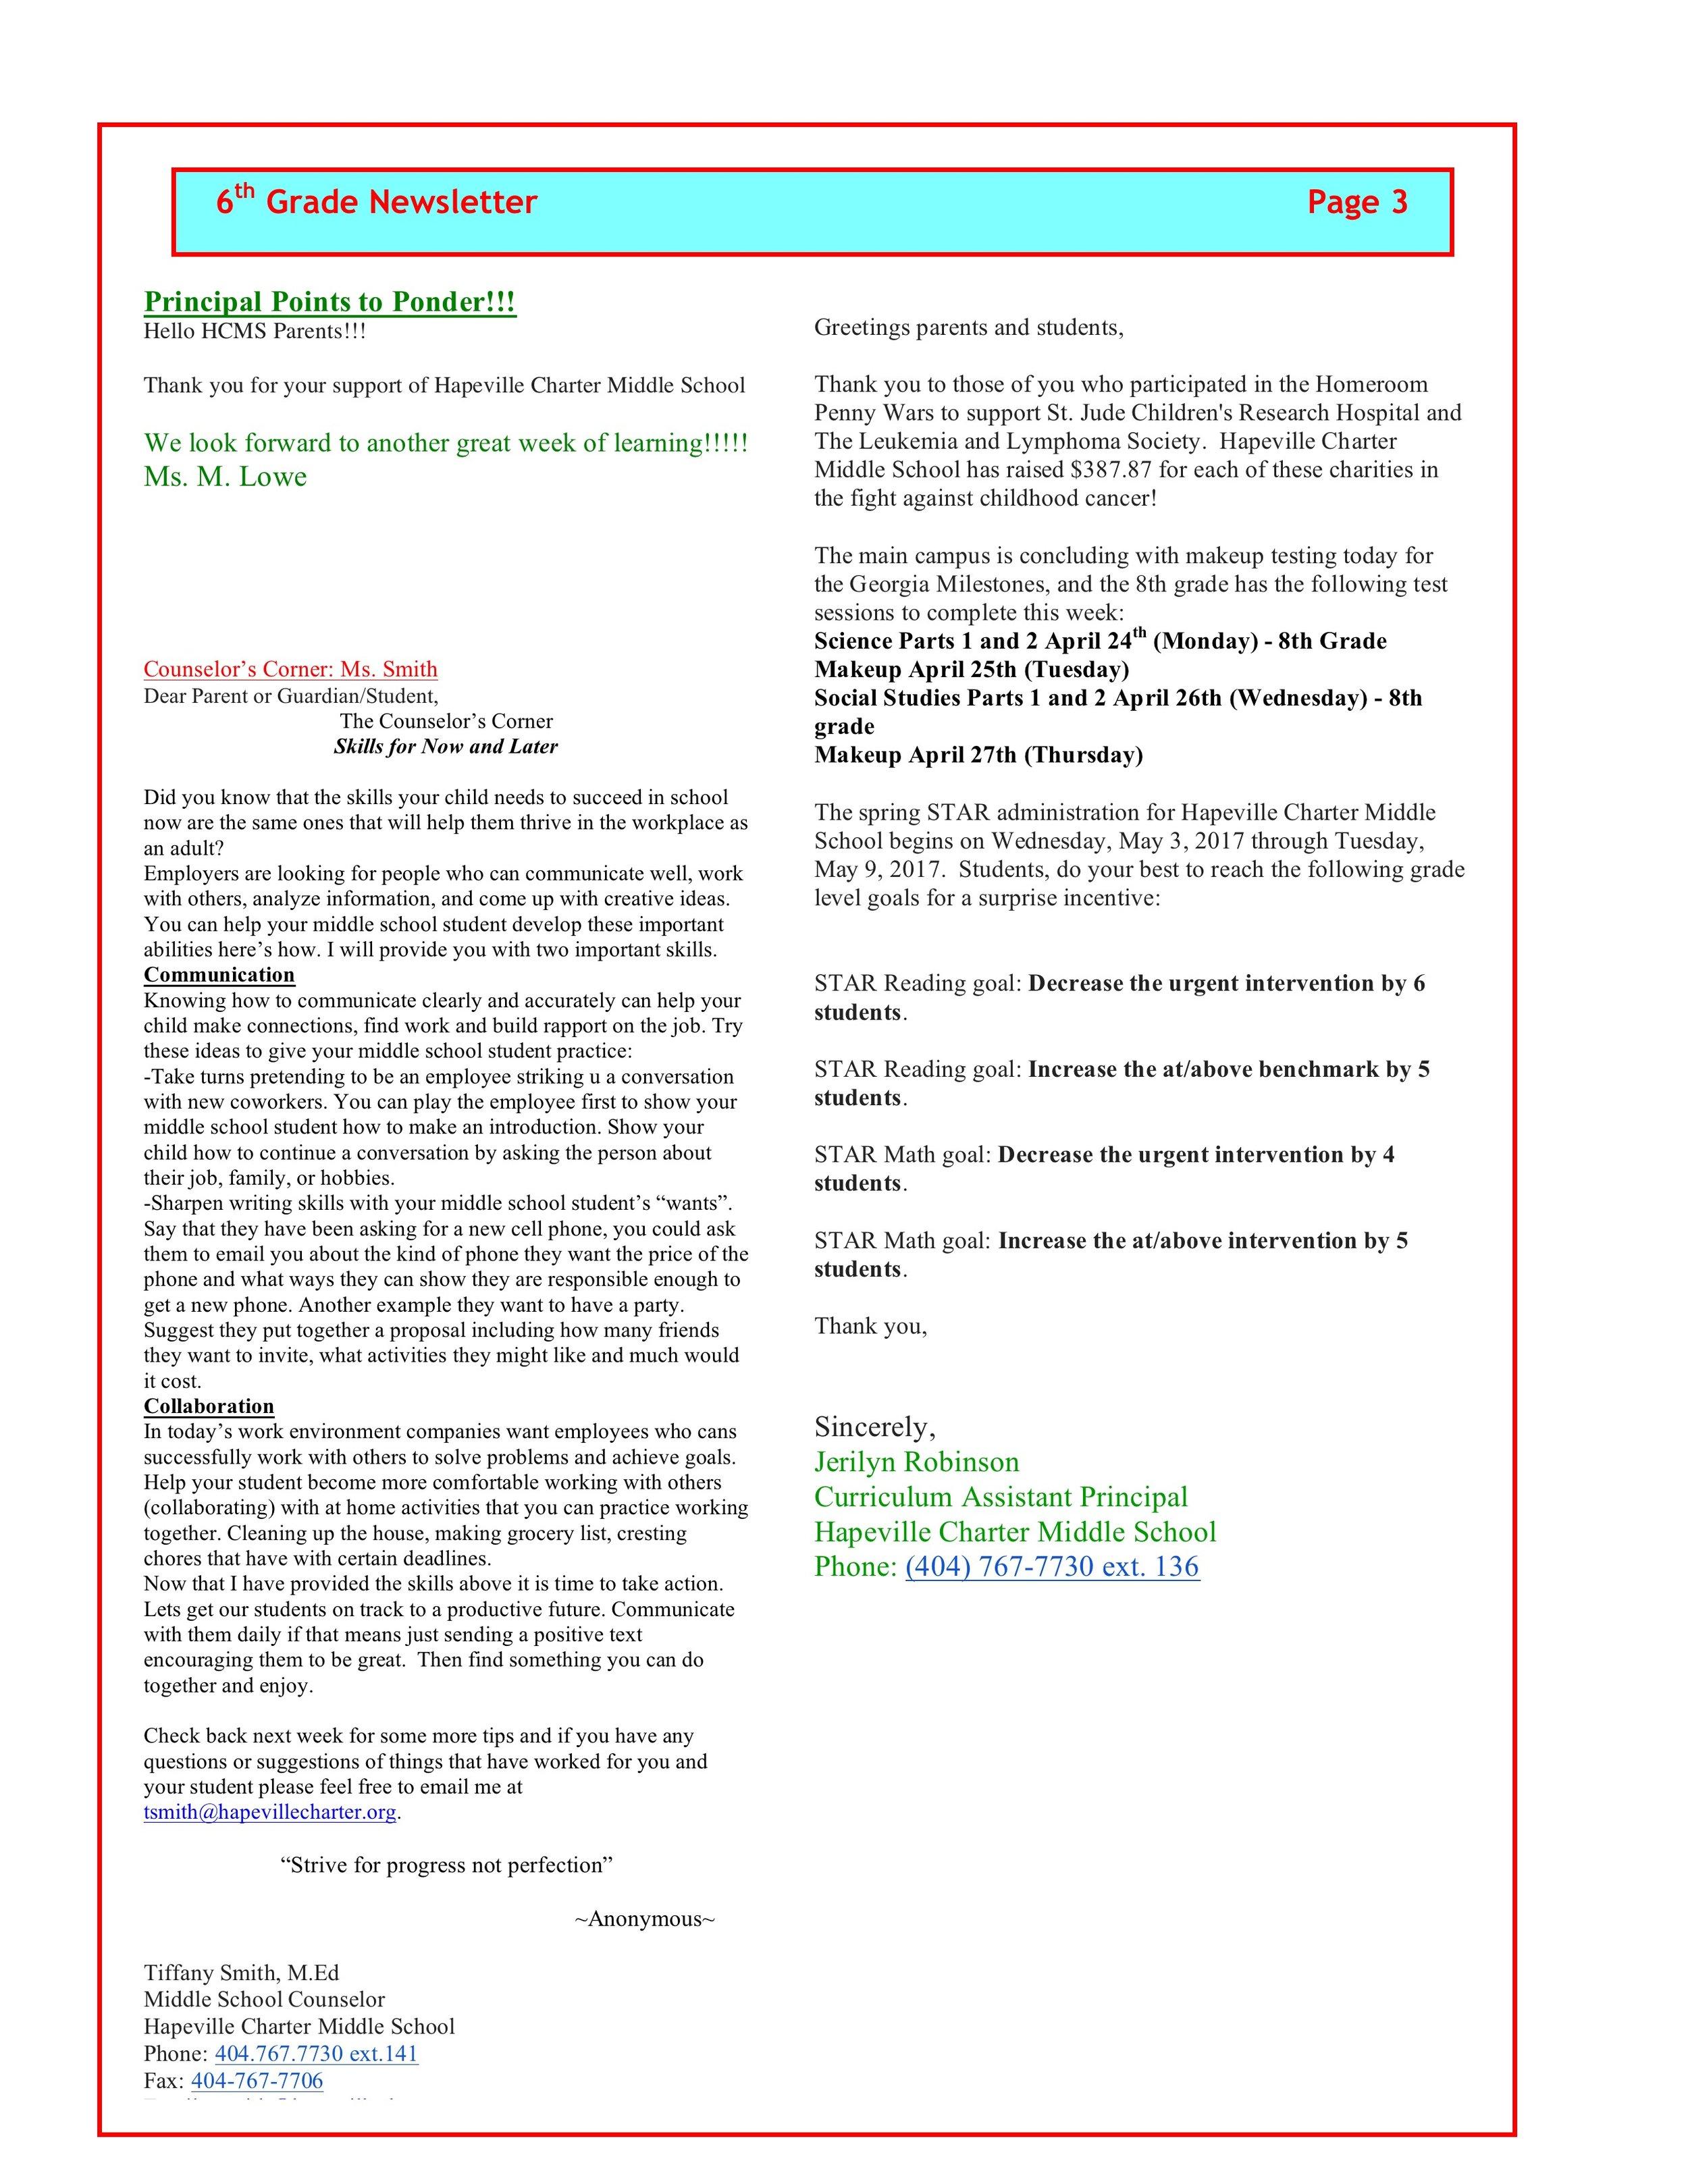 Newsletter Image6th Grade Newsletter 4-25-17 3.jpeg